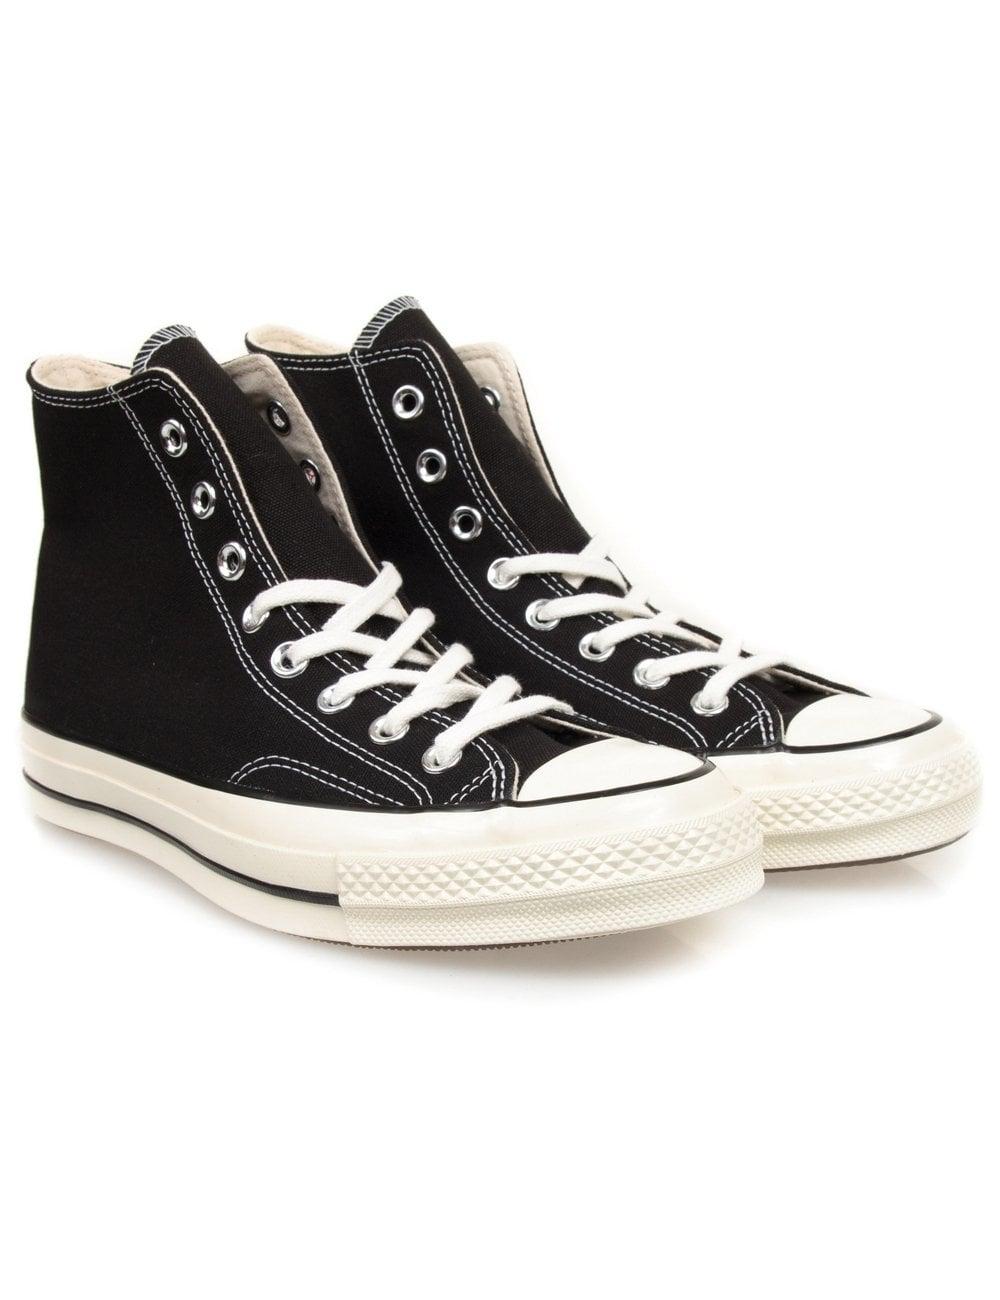 Converse Chuck Taylor 70s Hi Boots - Black - Footwear from Fat ... db83f8f821ef